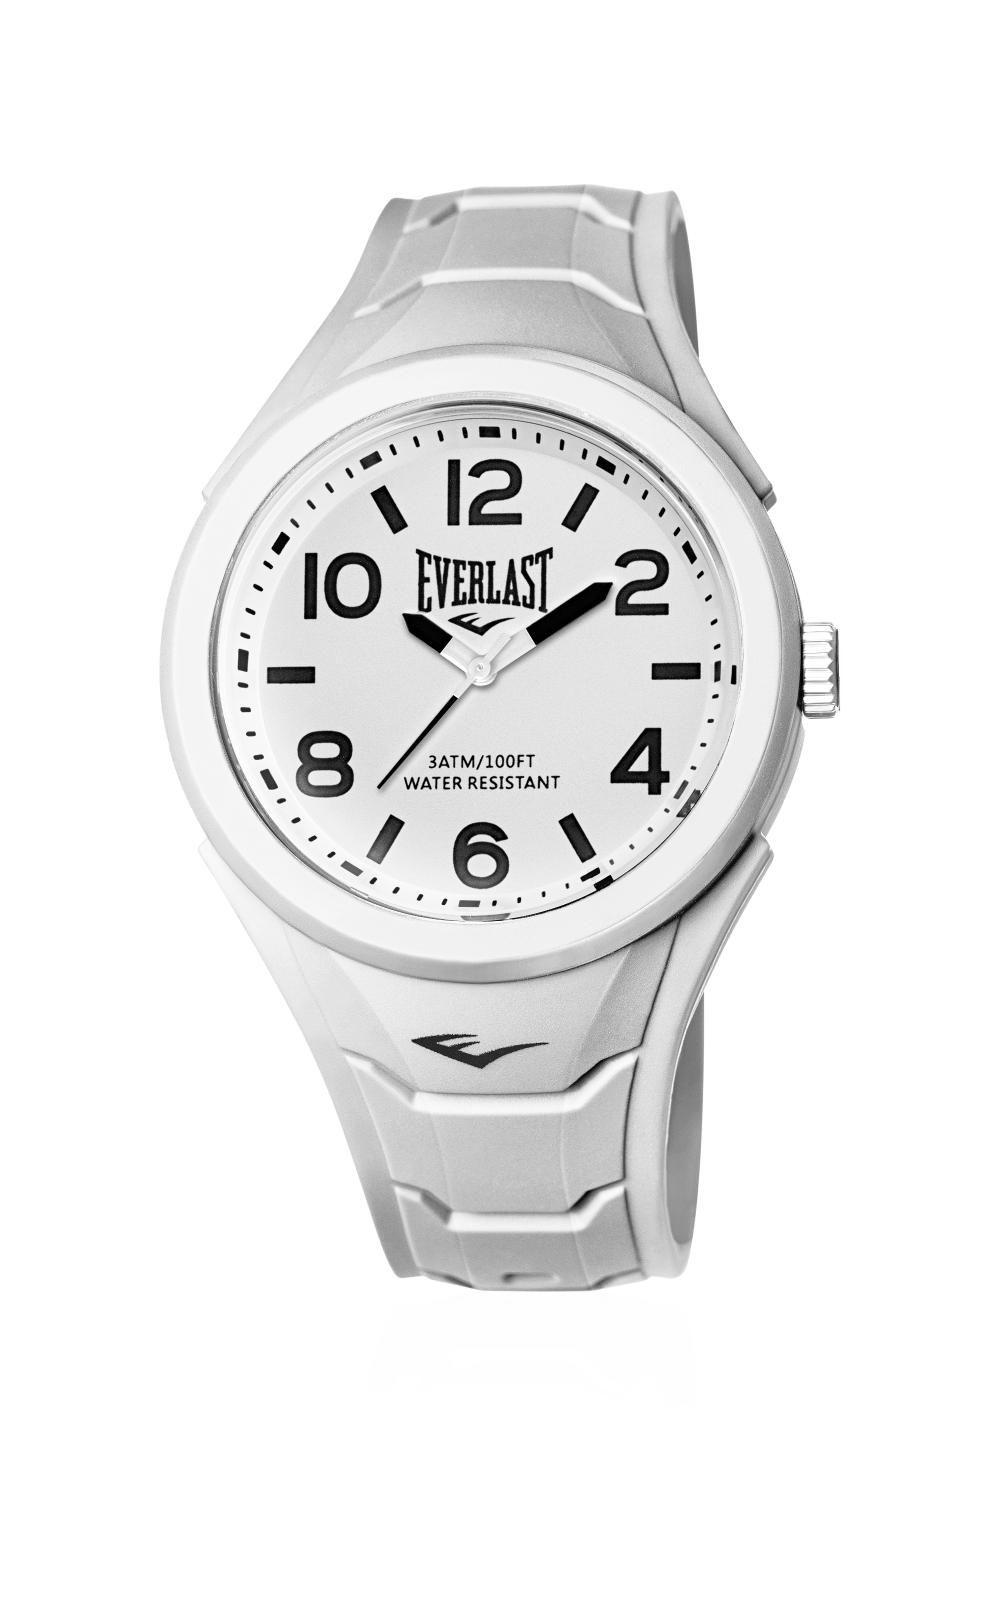 Relógio Masculino Everlast Esporte E707 45mm Silicone Branco